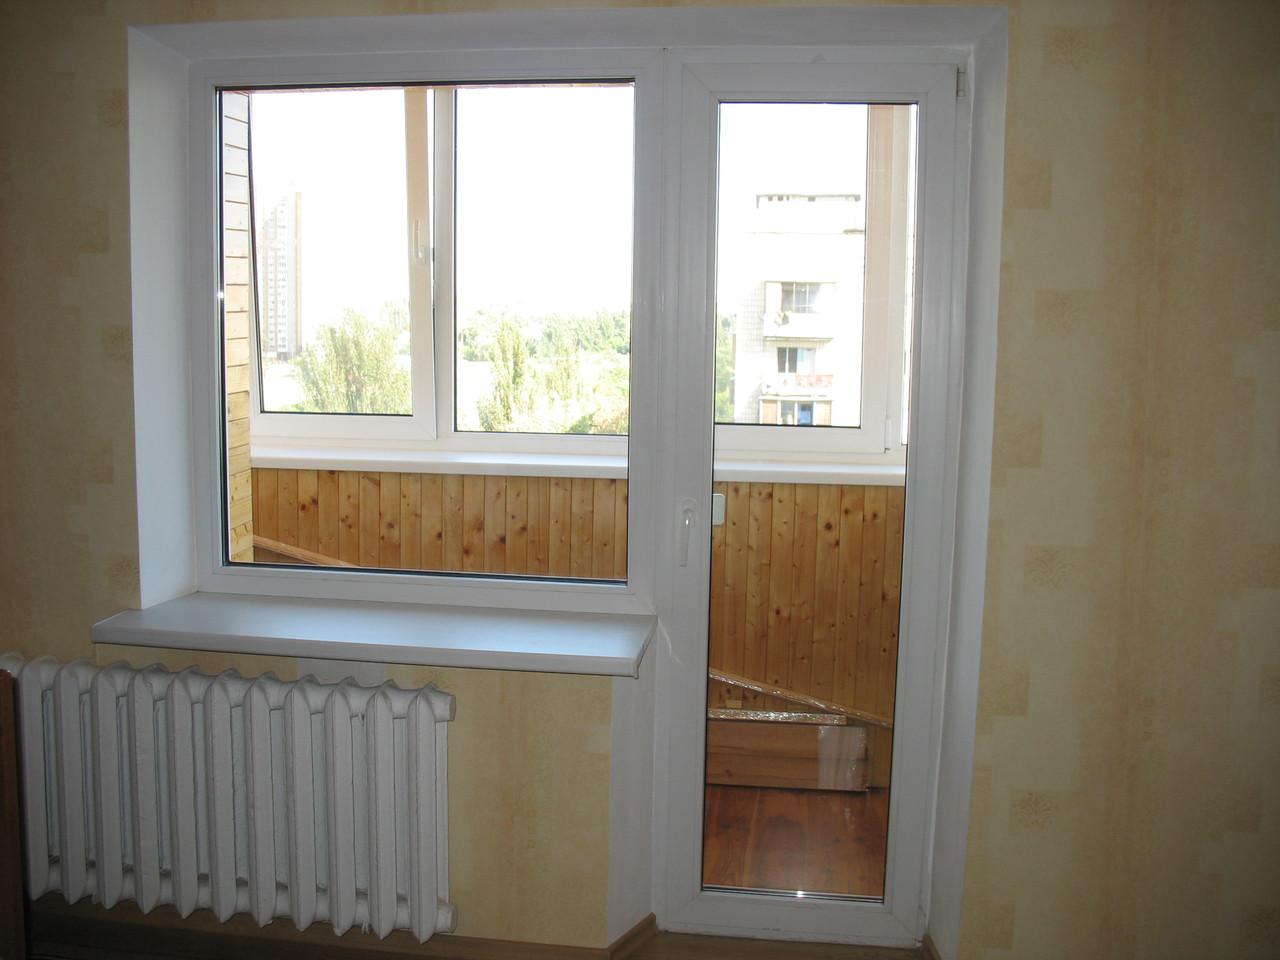 Балконная металлопластиковая дверь. Профиль Salamander, 5-х камерный, толщина 76 мм.